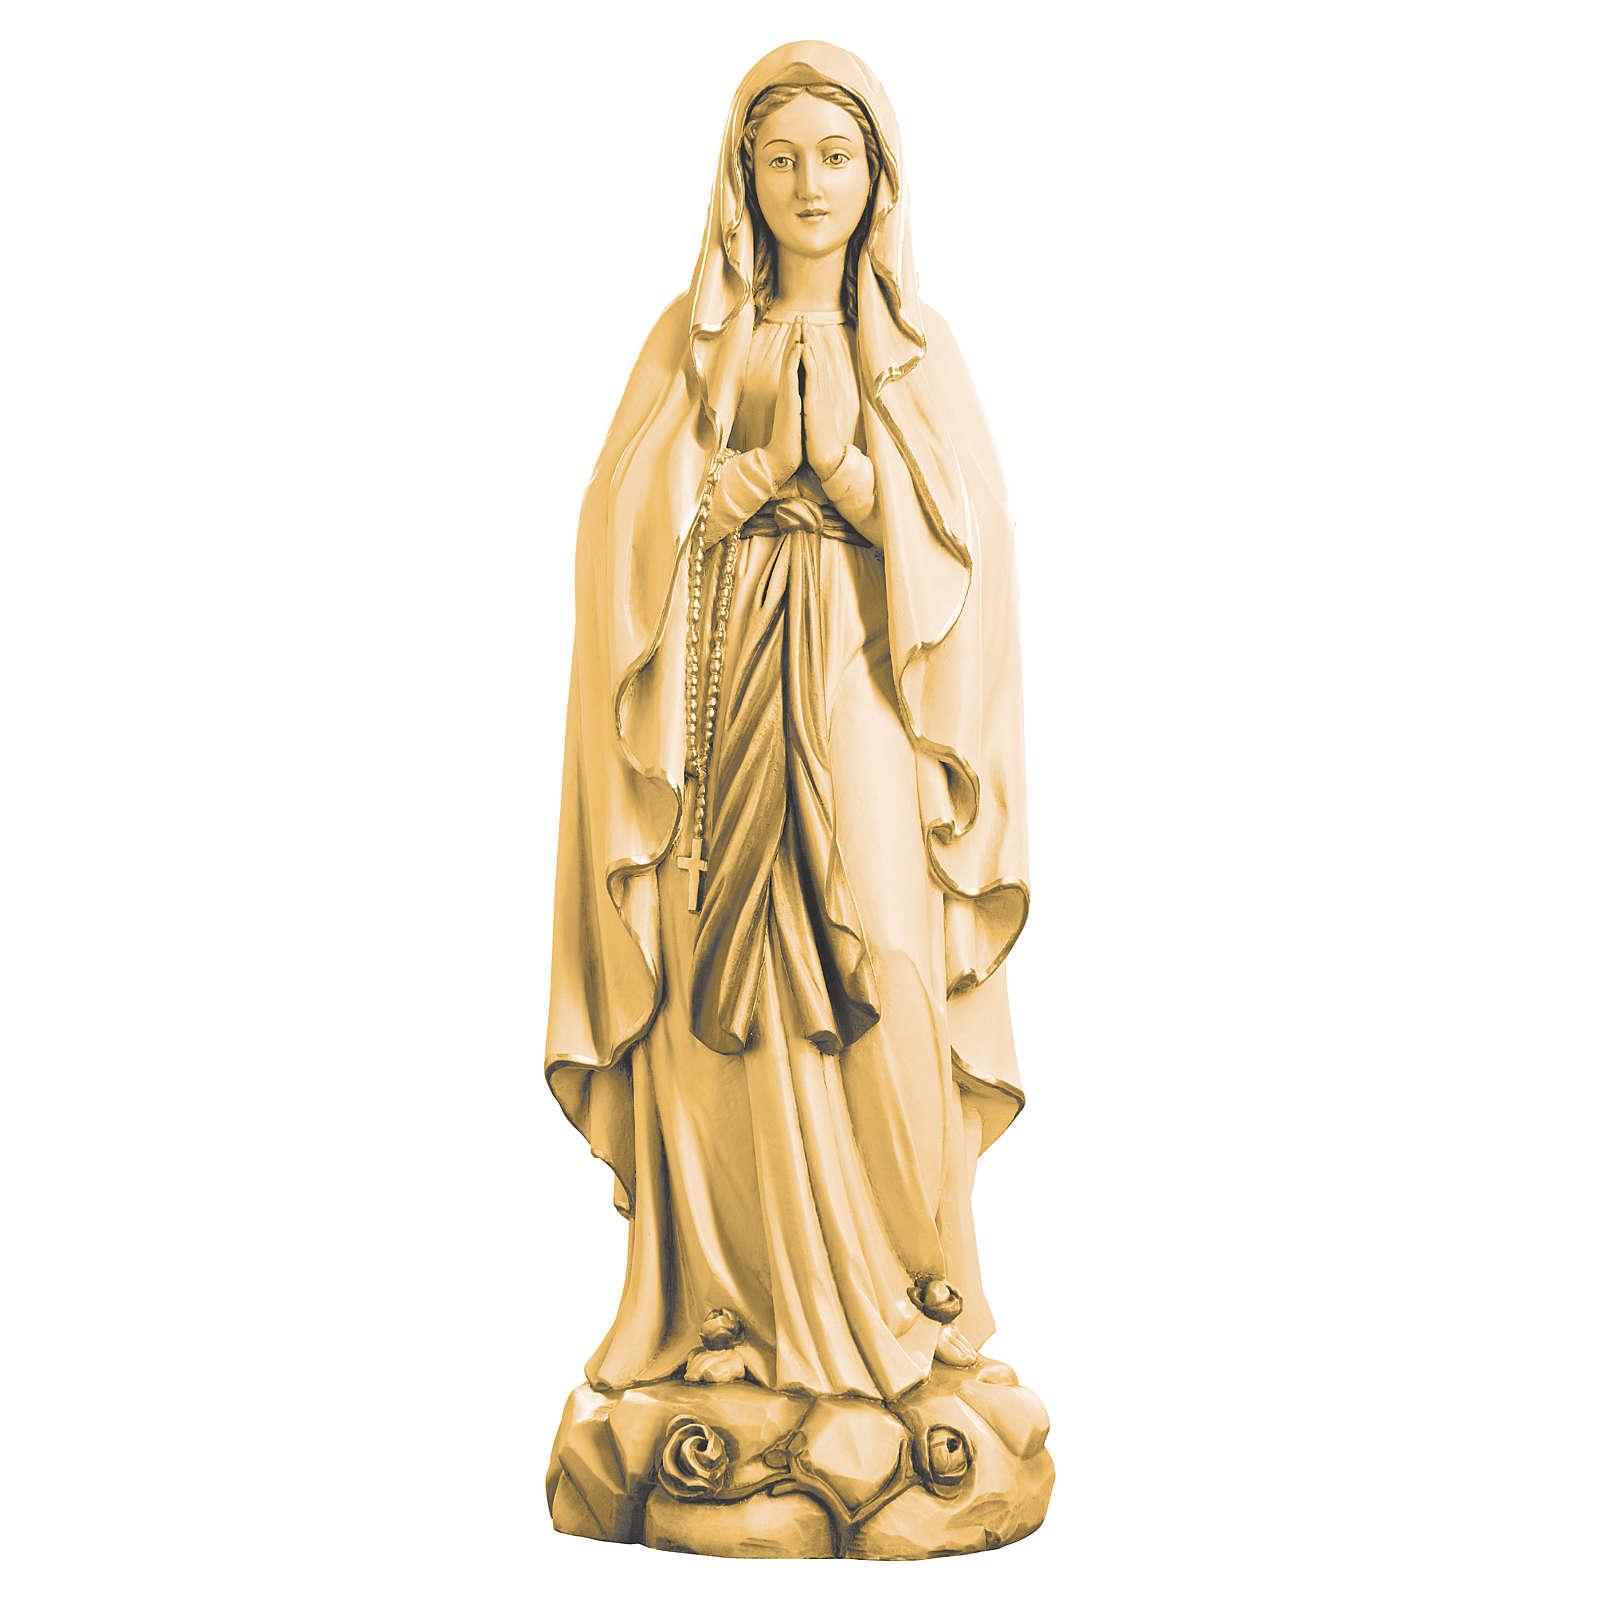 Estatua Virgen de Lourdes de madera de la Val Gardena, acabado con diferentes matices de marrón 4